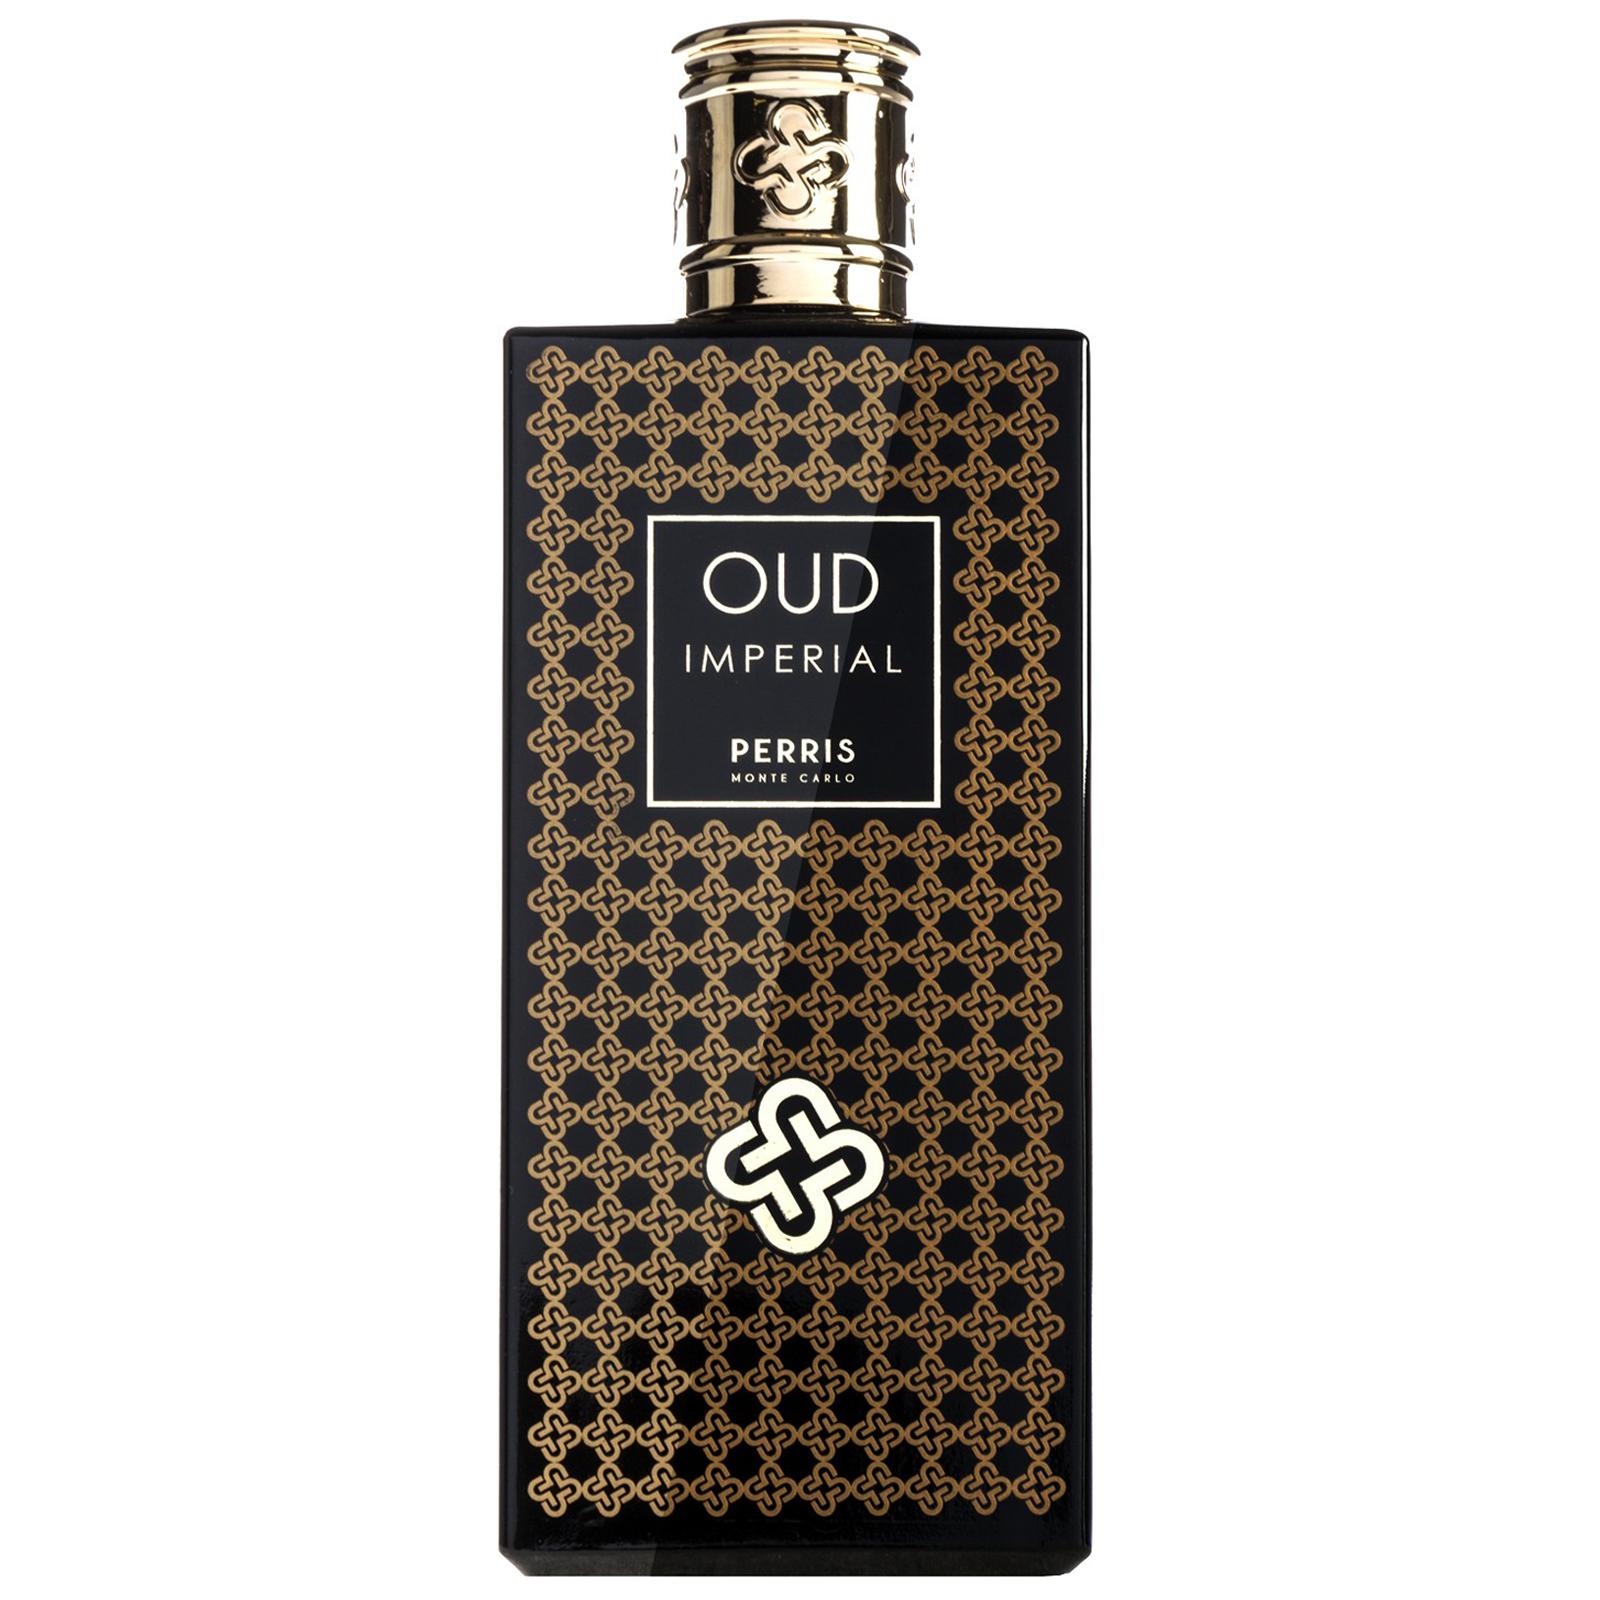 Oud imperial profumo eau de parfum 100 ml